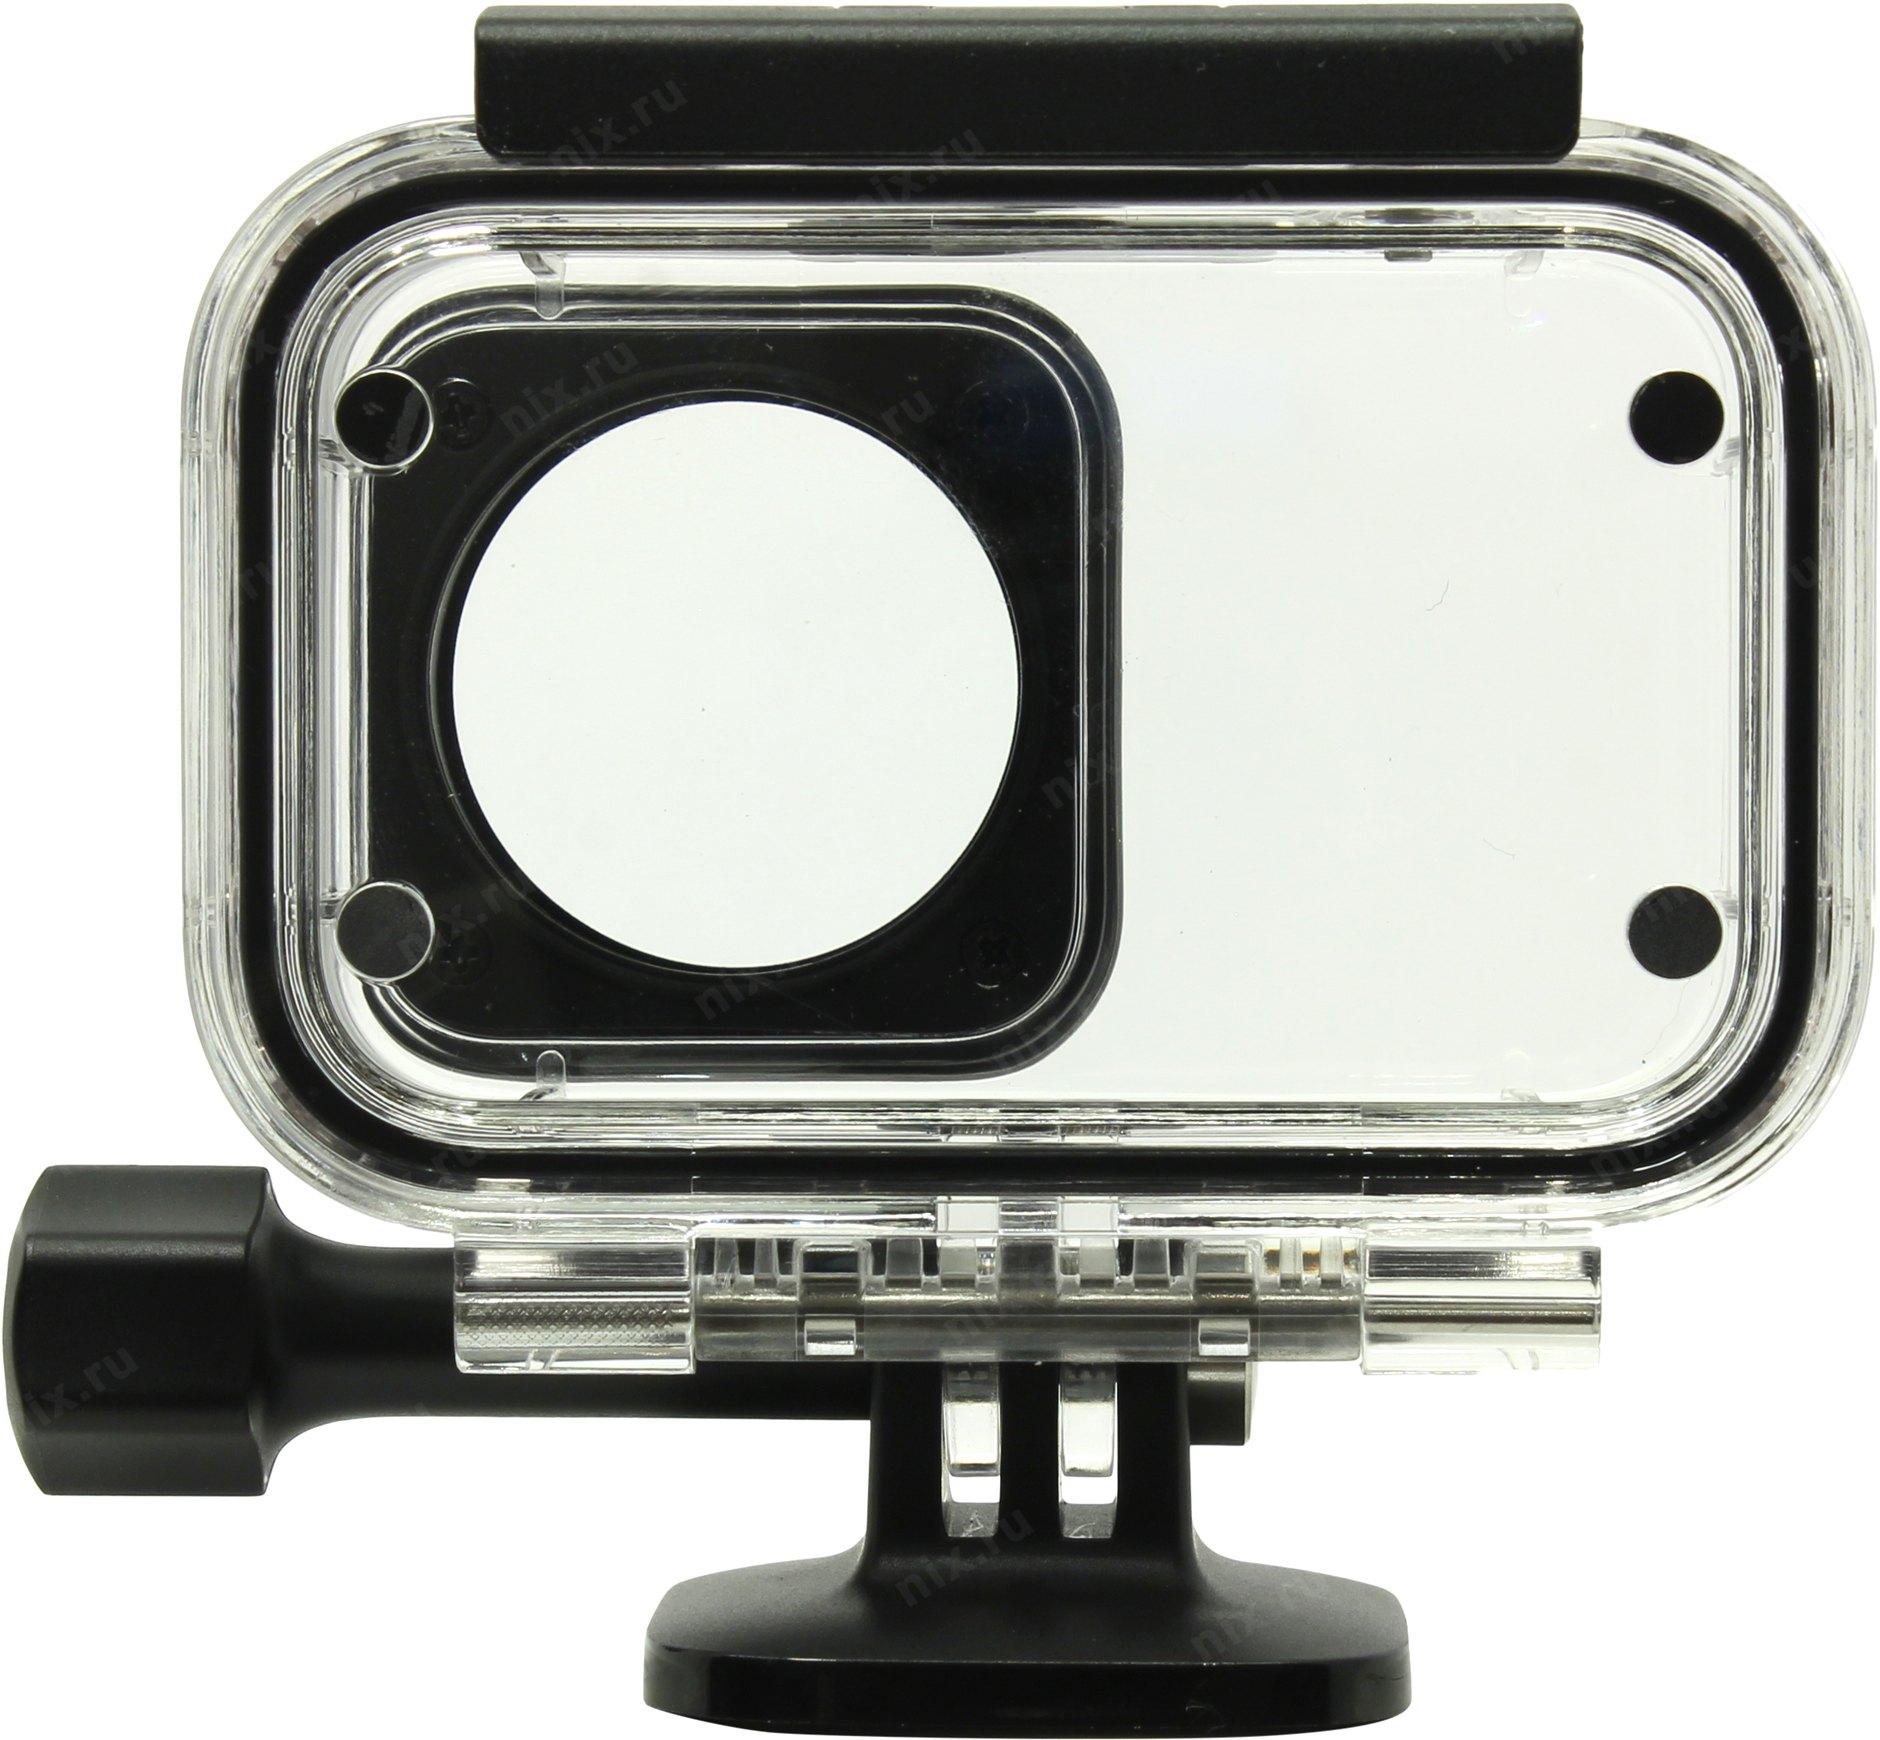 лучшая цена Водонепроницаемый кейс для экшн-камеры XIAOMI Mi Action Camera (ATF4863GL)